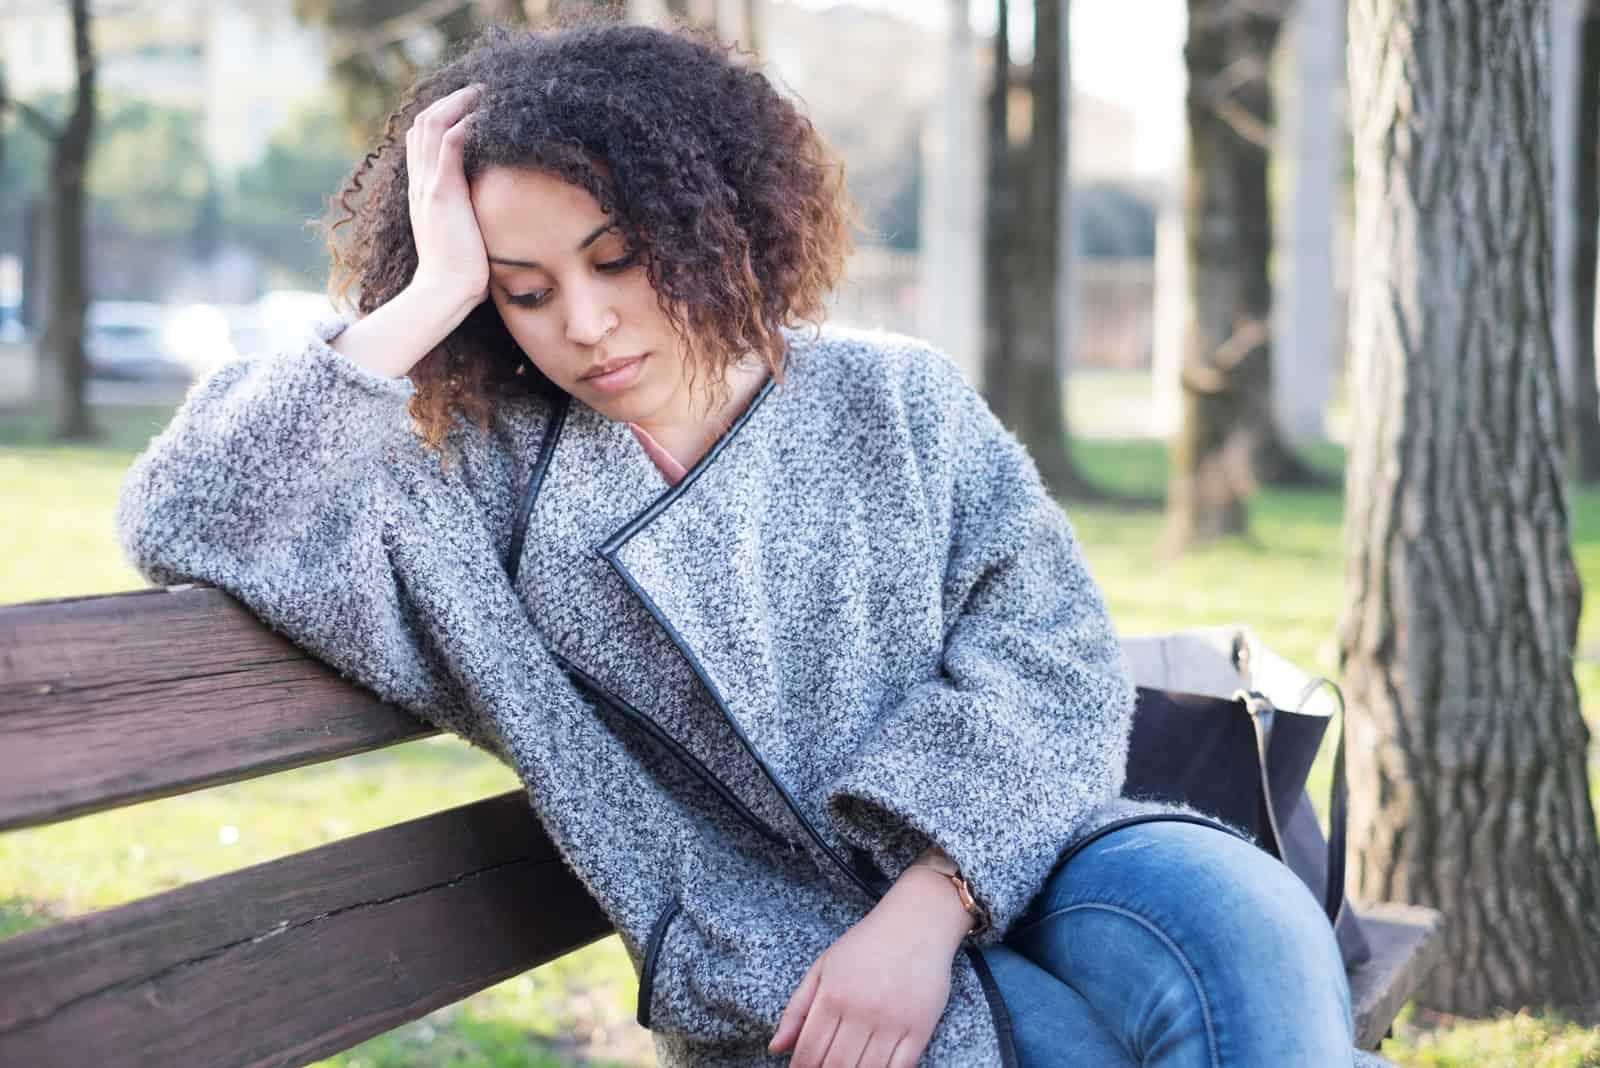 une femme imaginaire aux cheveux crépus est assise sur un banc